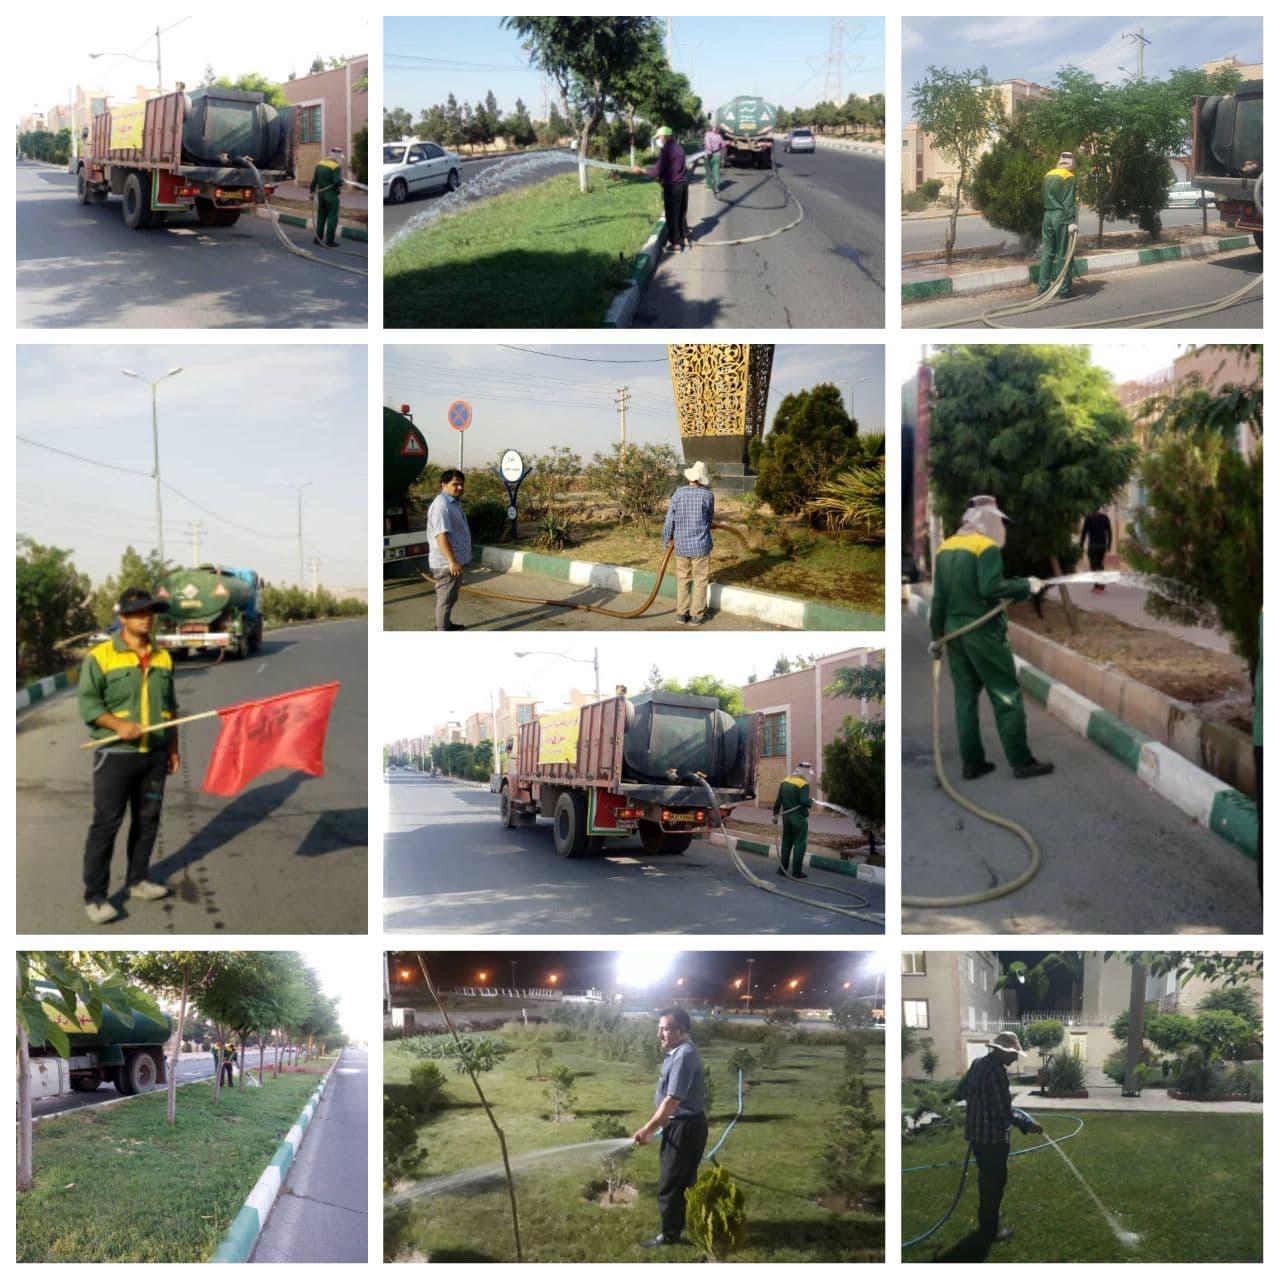 پیام تبریک مدیریت شهری پرند به مناسبت سوم خرداد سالروز حماسه آزاد سازی خرمشهر